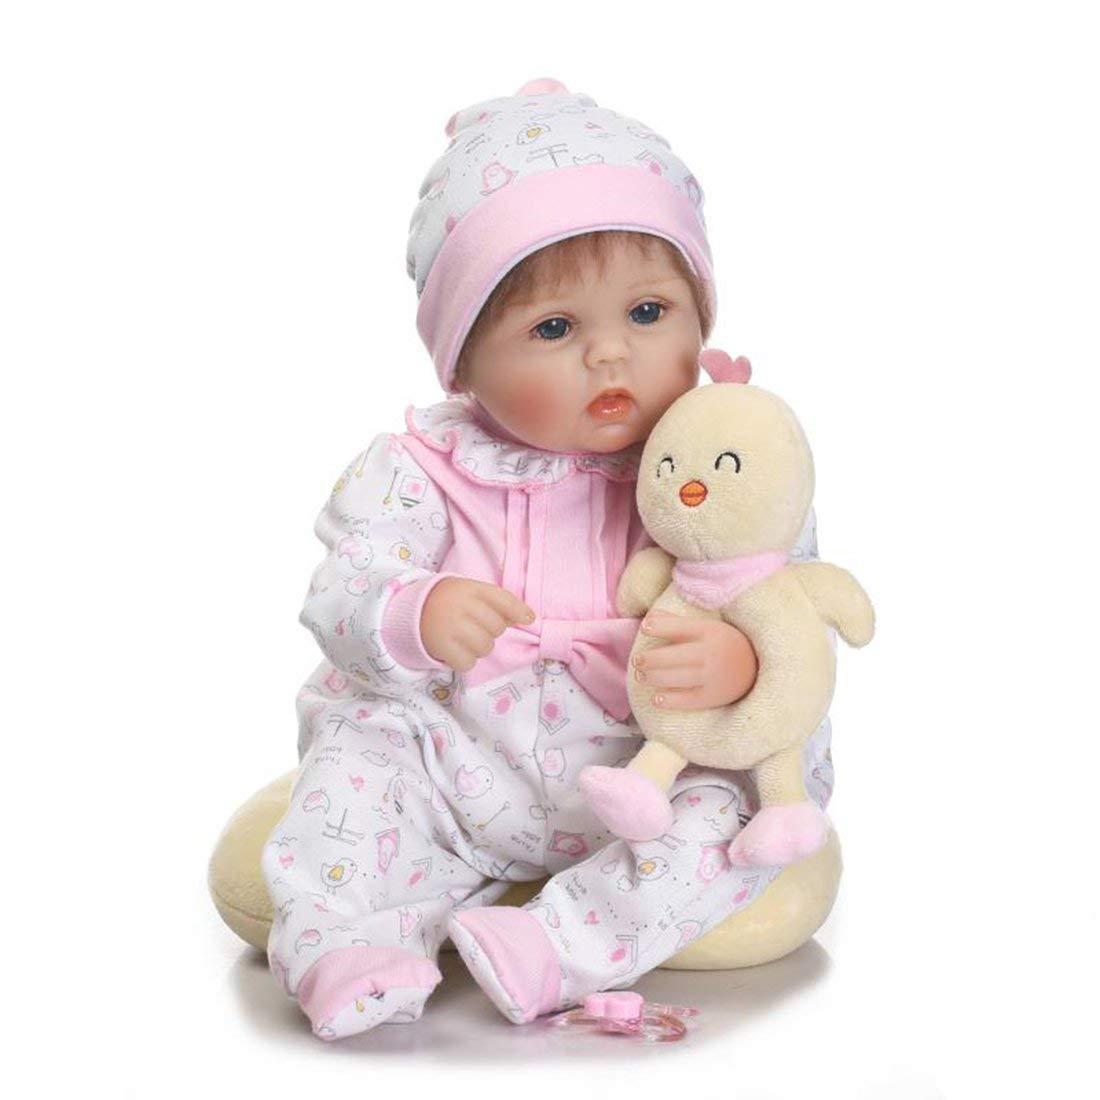 Formulaone 16 Zoll Tuch körper weichen silikon Vinyl Baby Kinder Baby Reborn Baby Puppe Playmate Geschenk ungiftig sicheres Spielzeug handgemachte Puppe Spielzeug